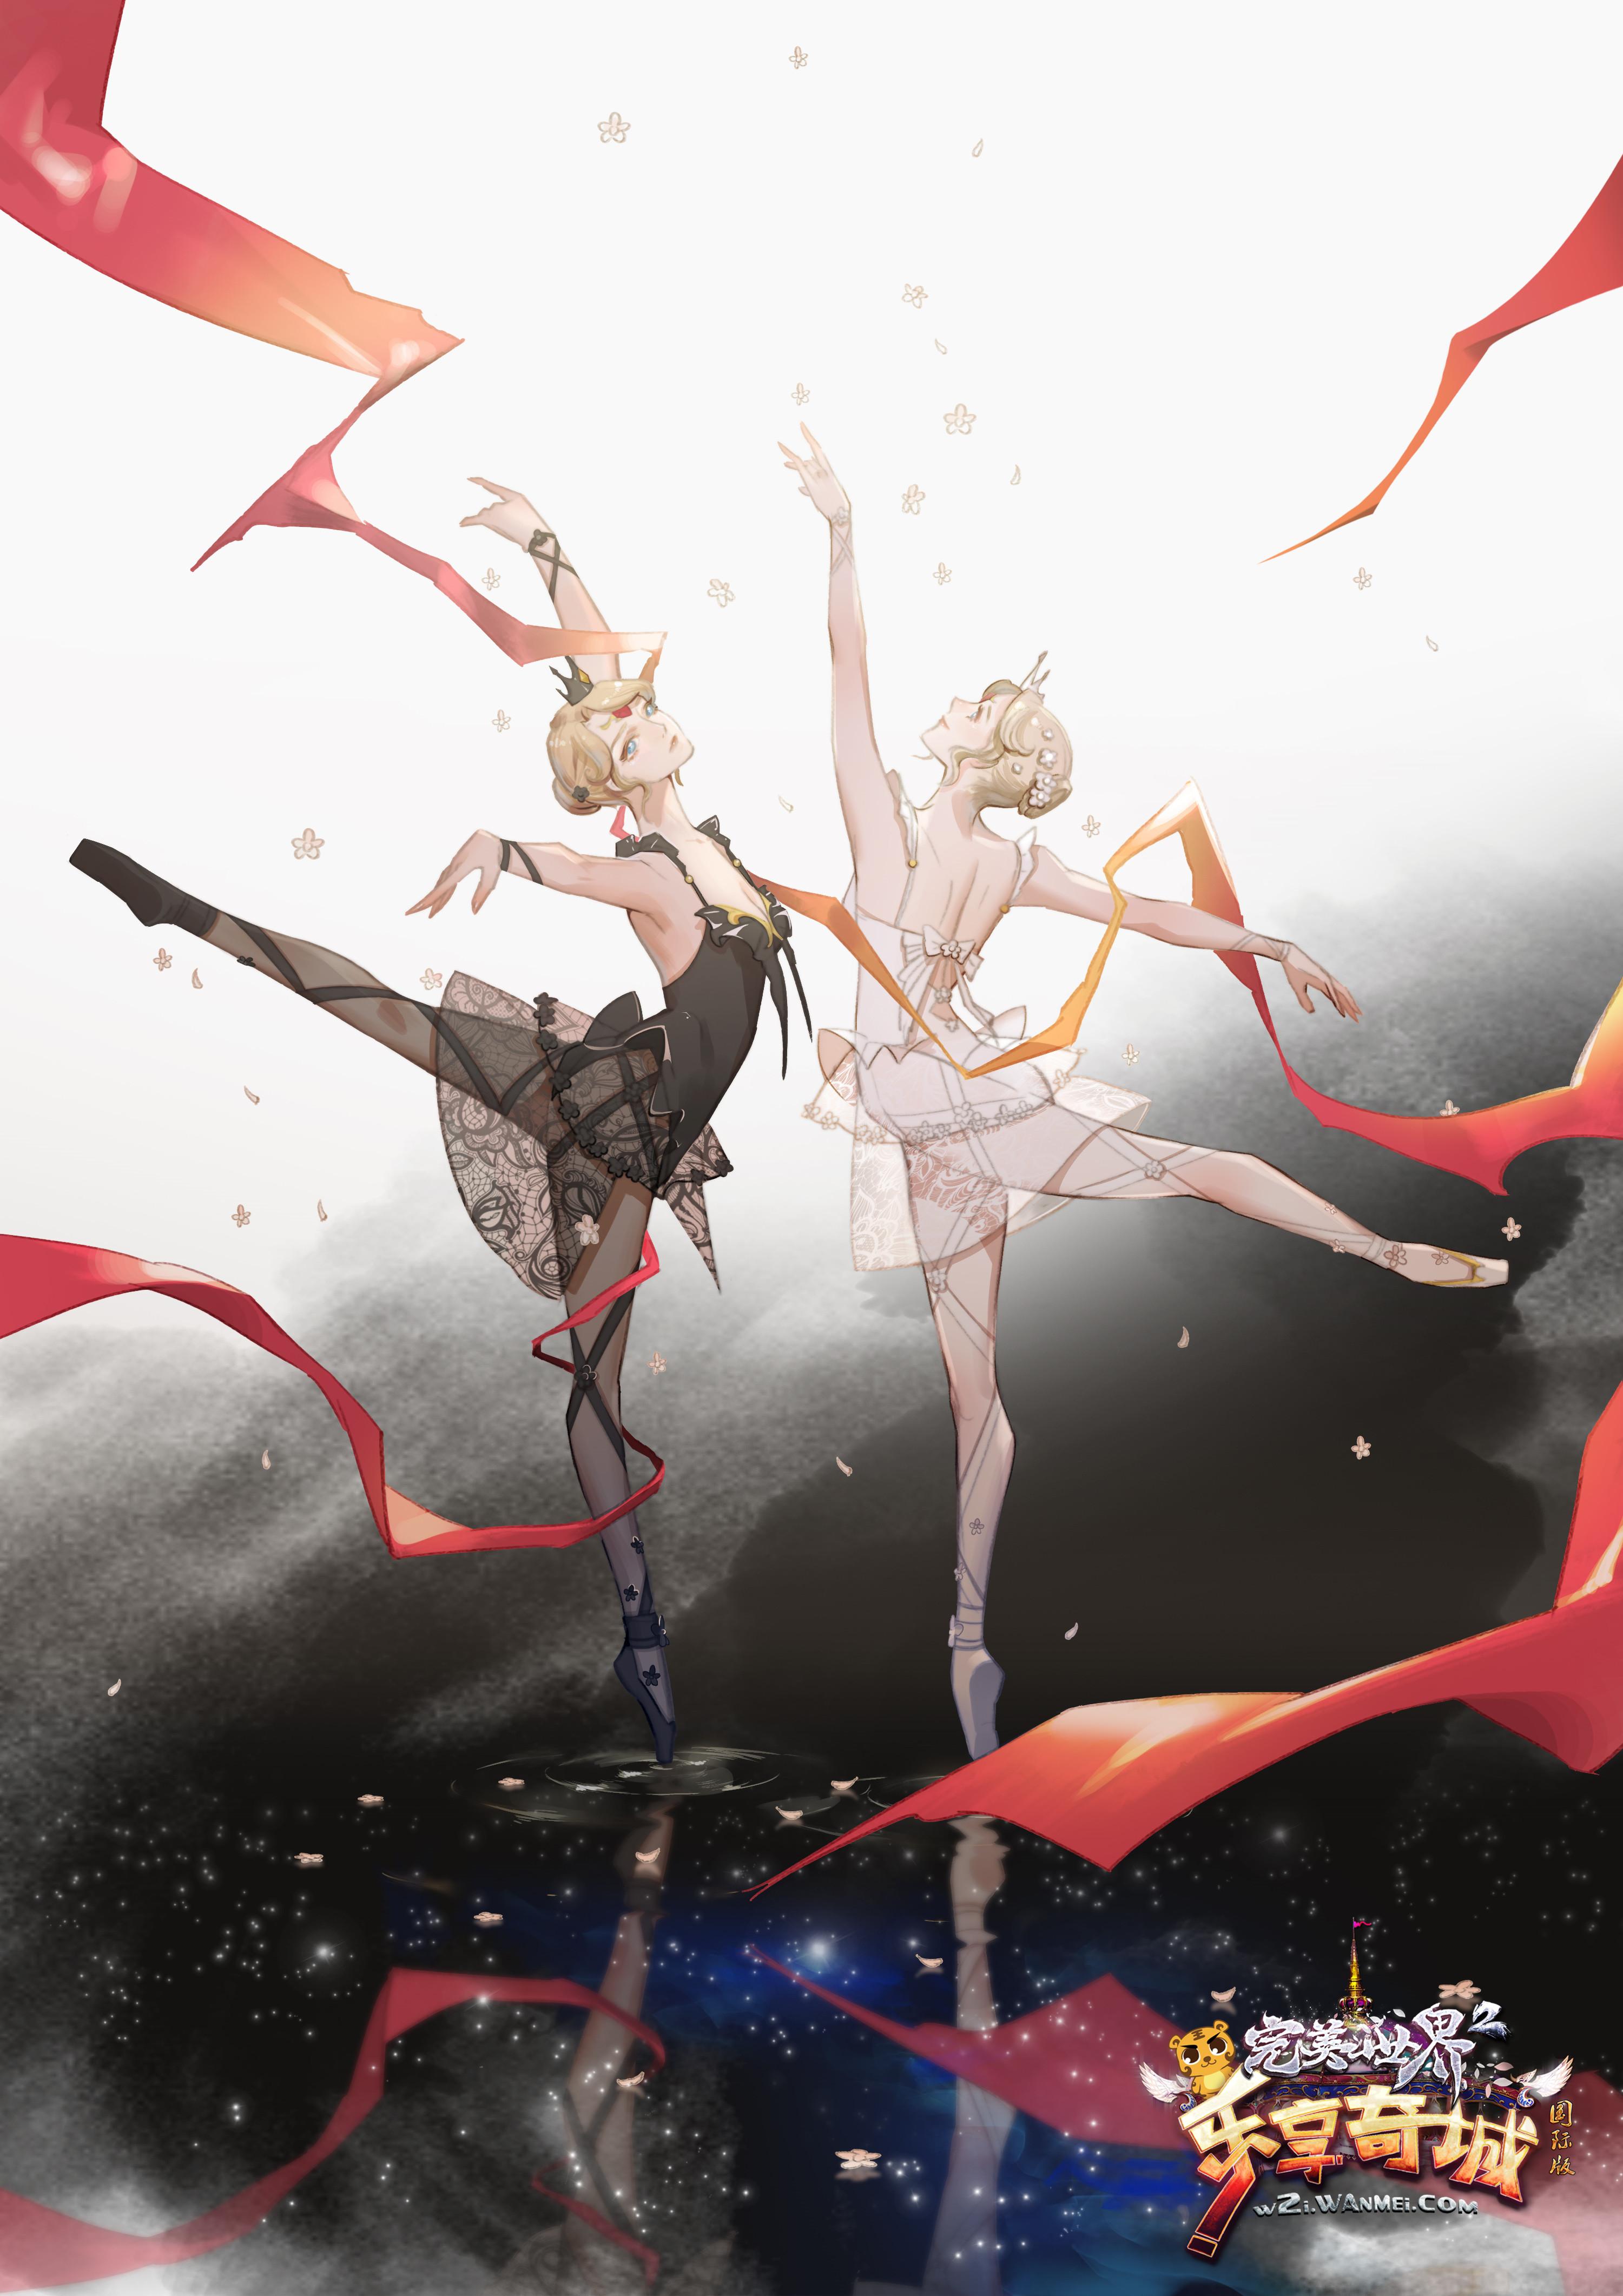 芭蕾时装插画